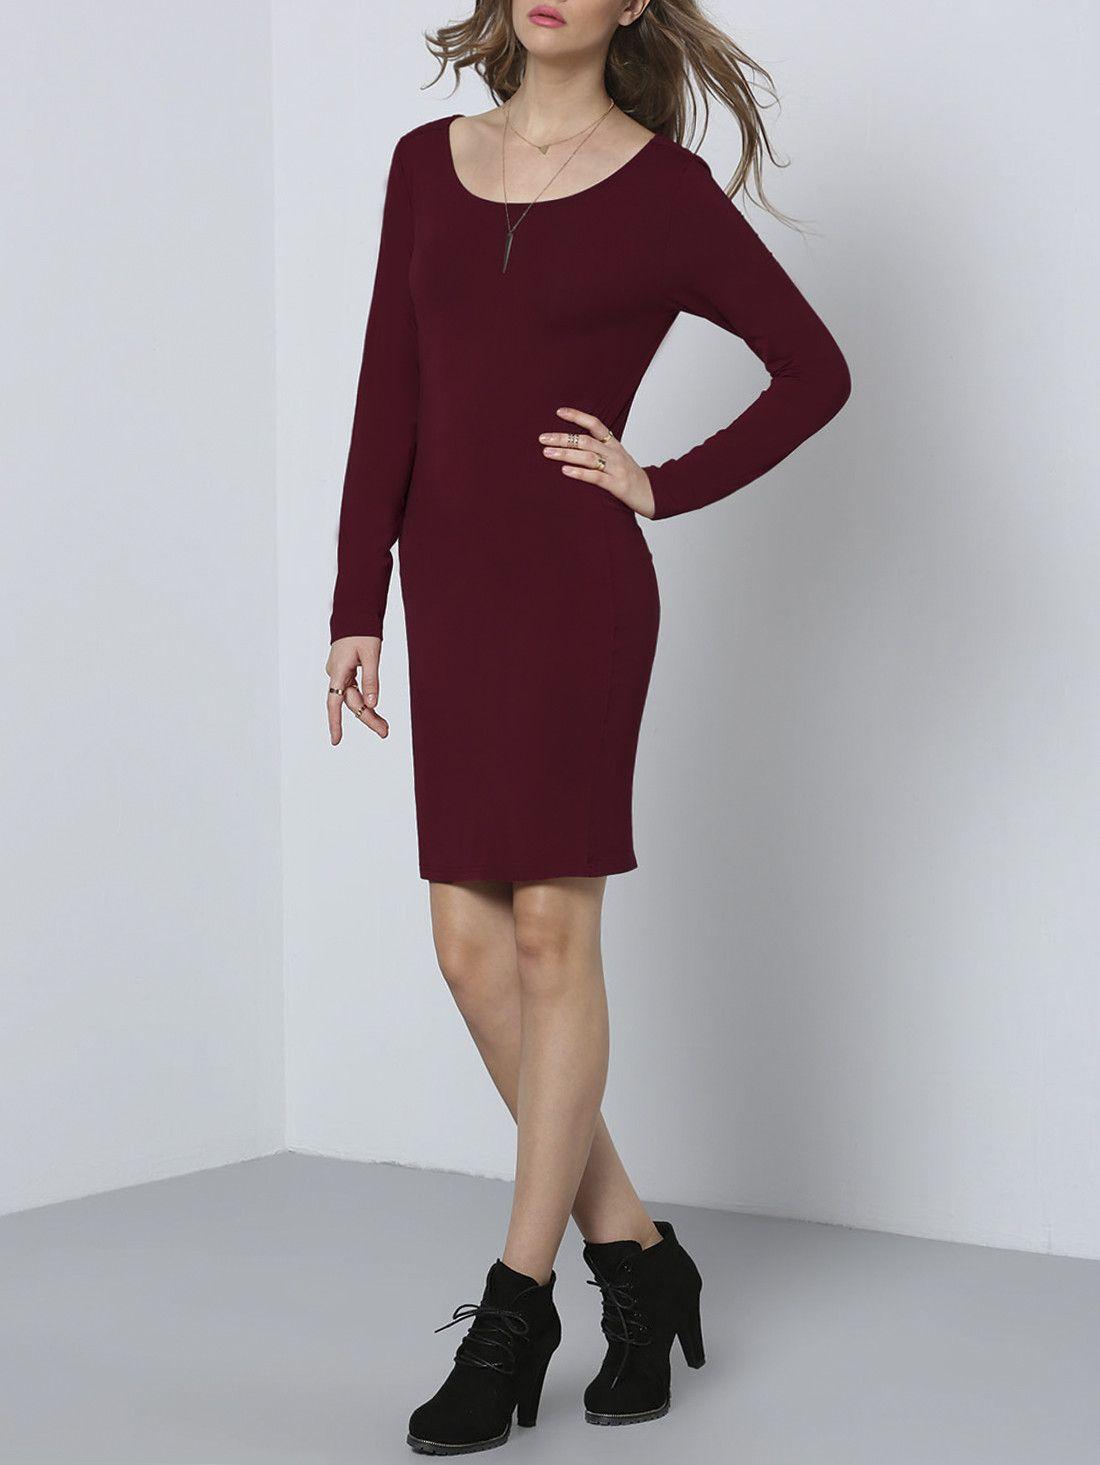 Vestido cuello redondo sin espalda-Sheinside